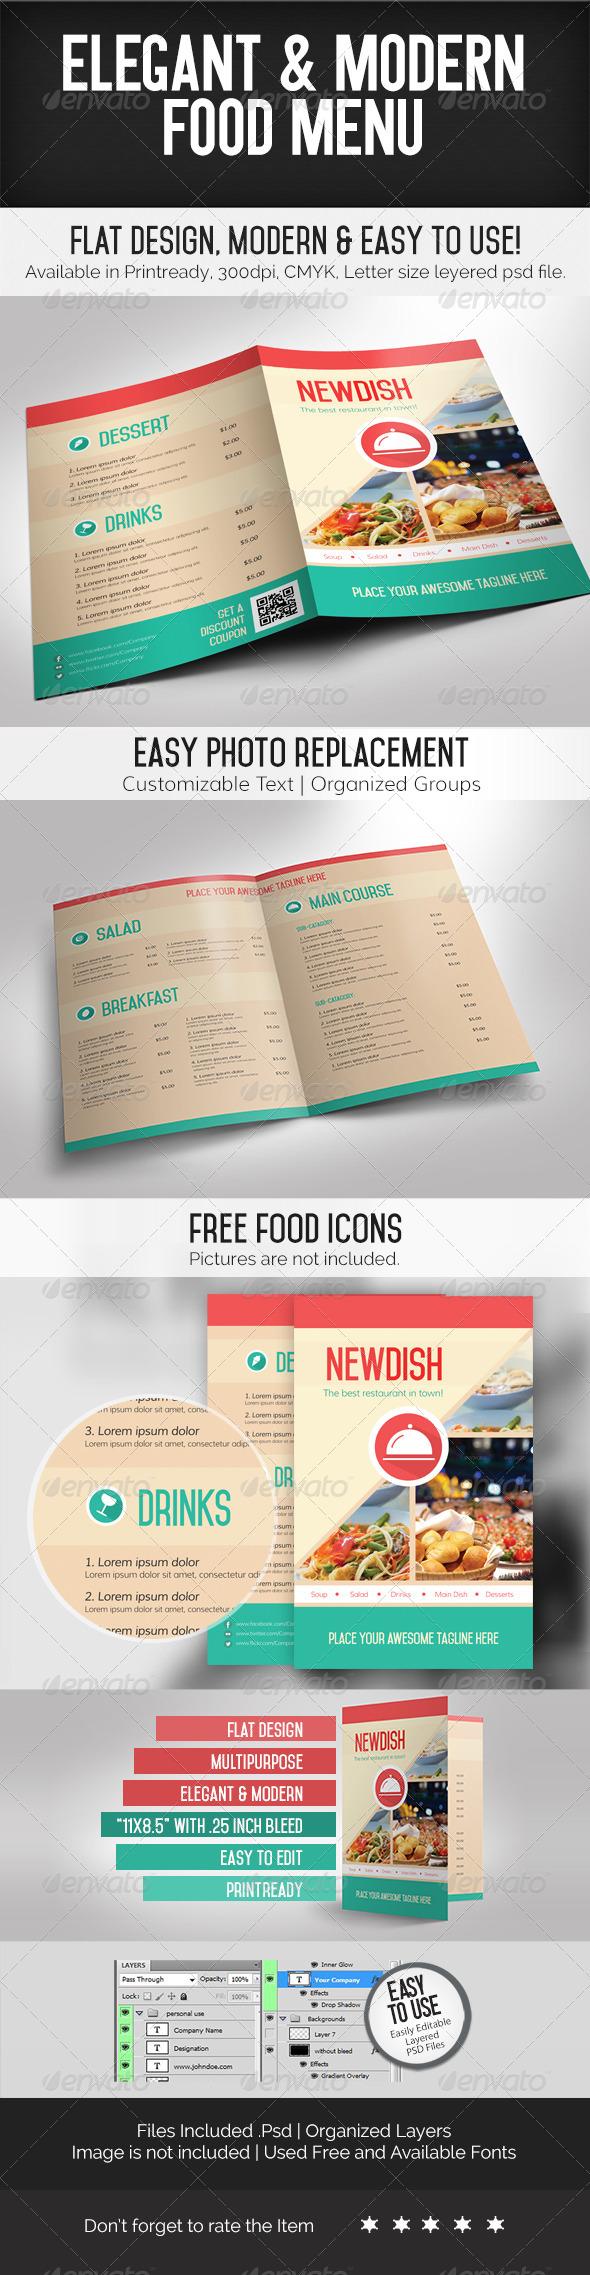 modern-menu